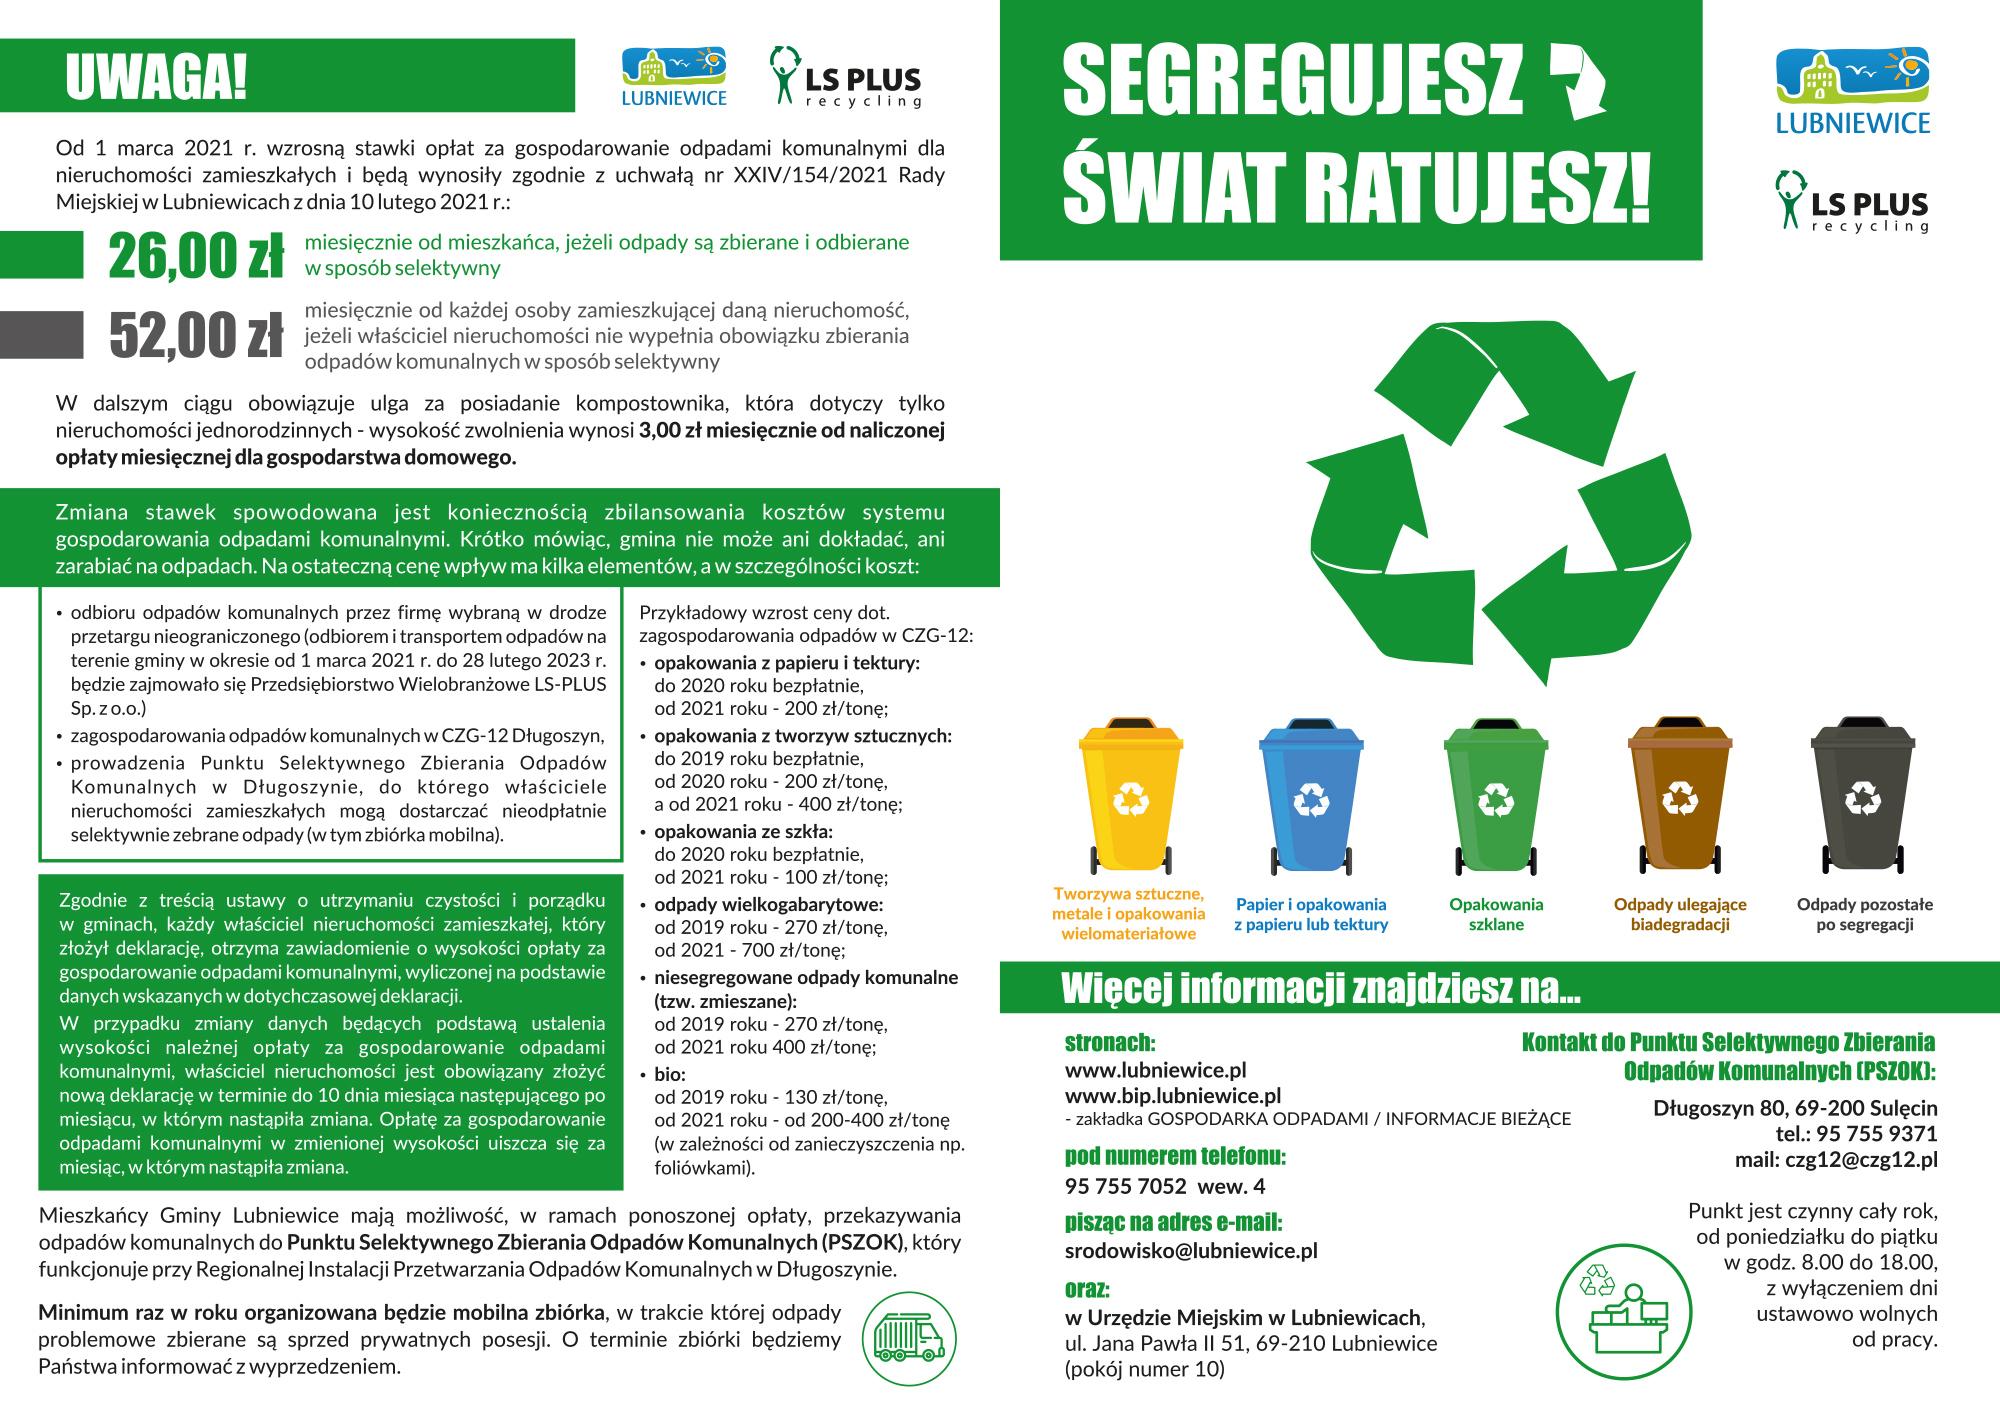 ulotka segregacji odpadów 1